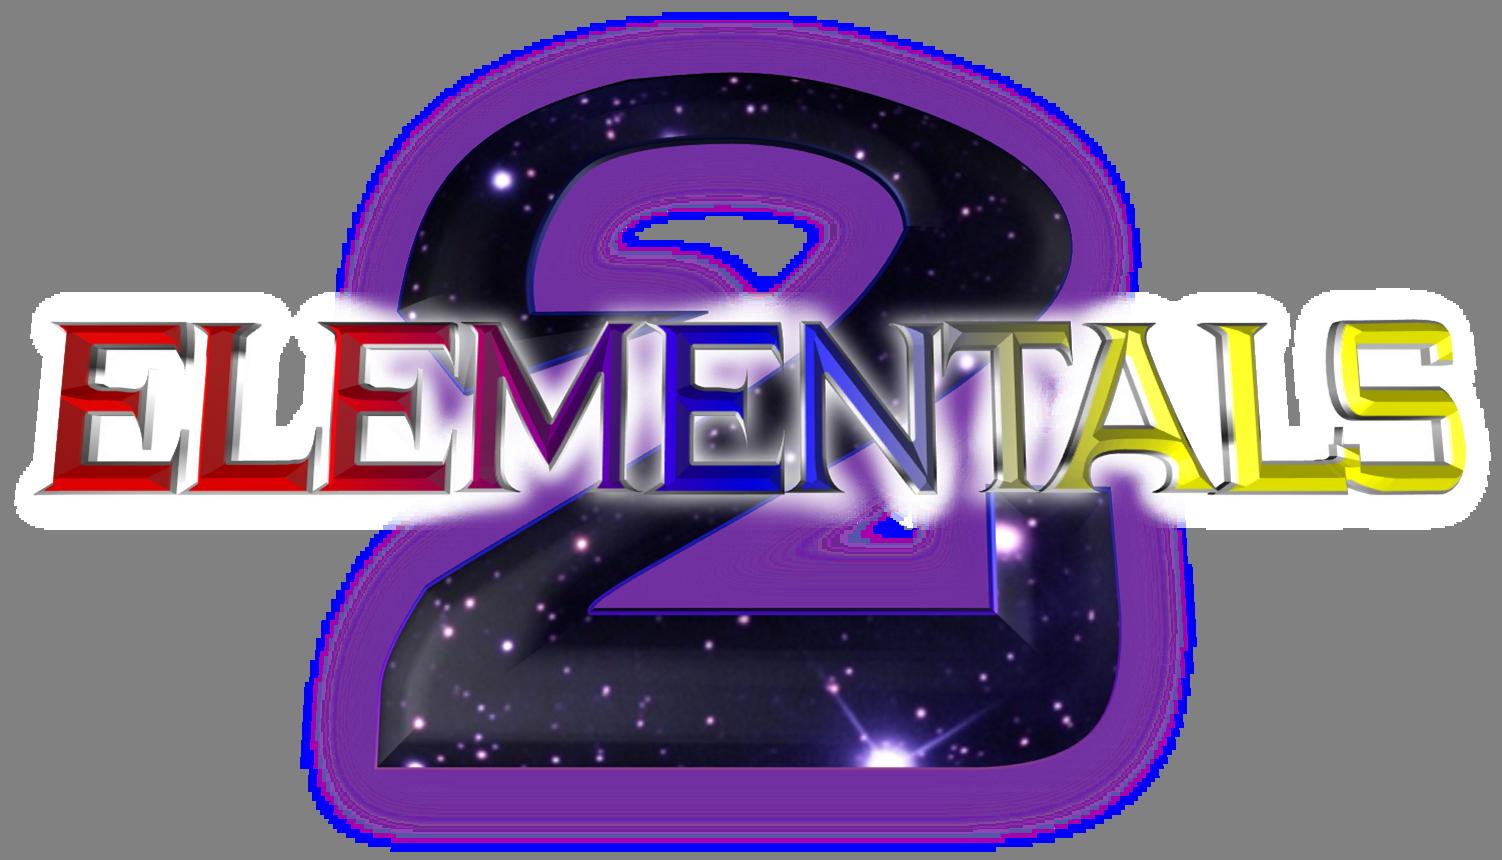 Elementals 2